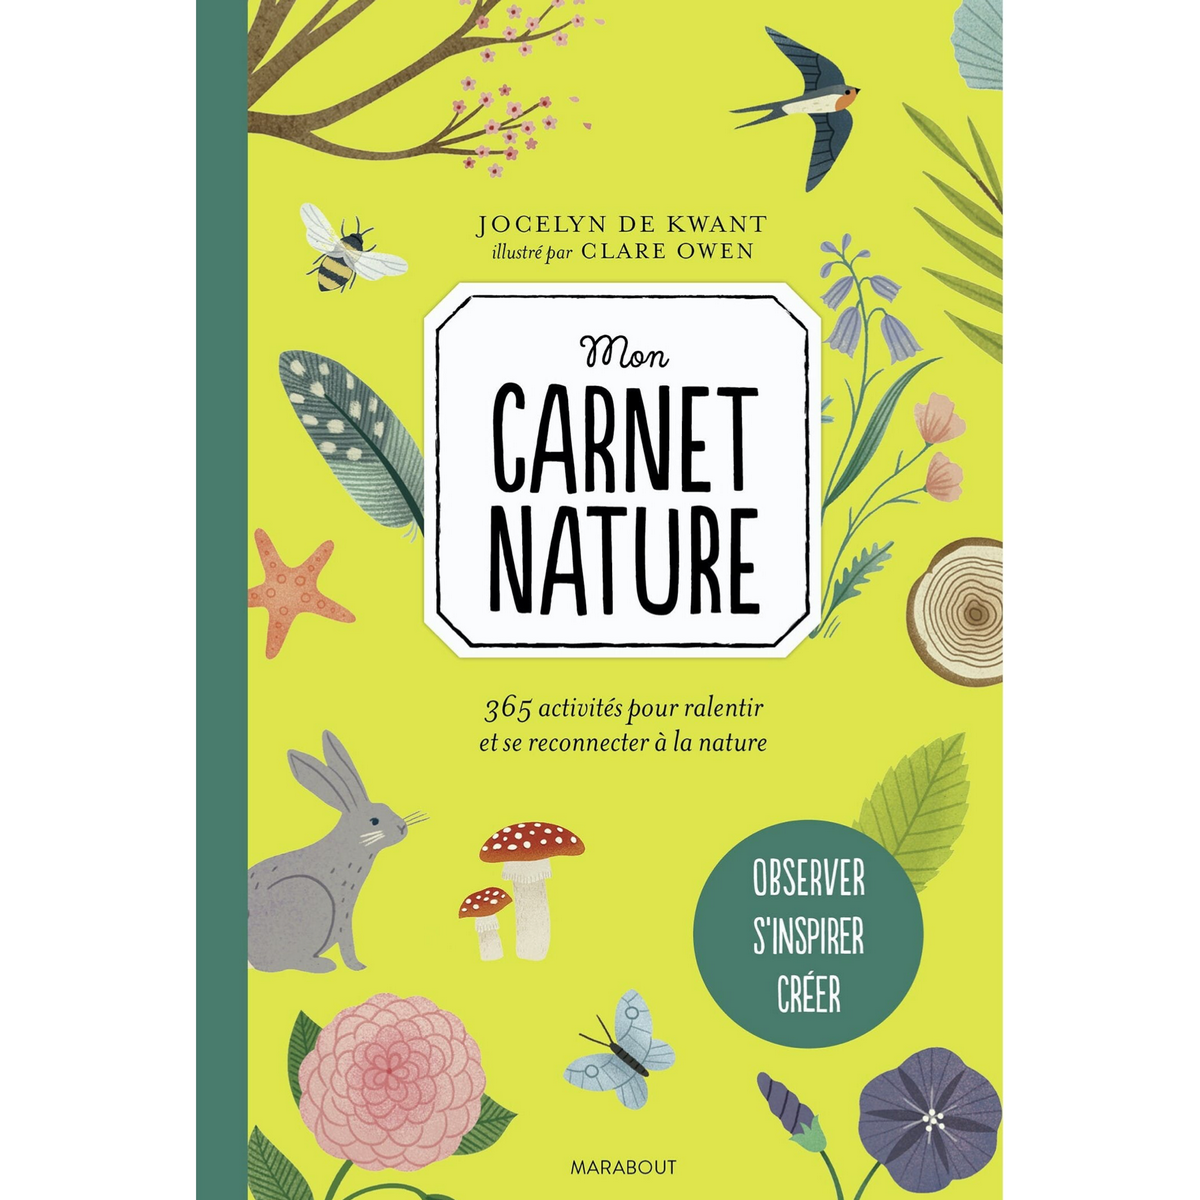 Mon carnet nature / Mon carnet flow spécial nature